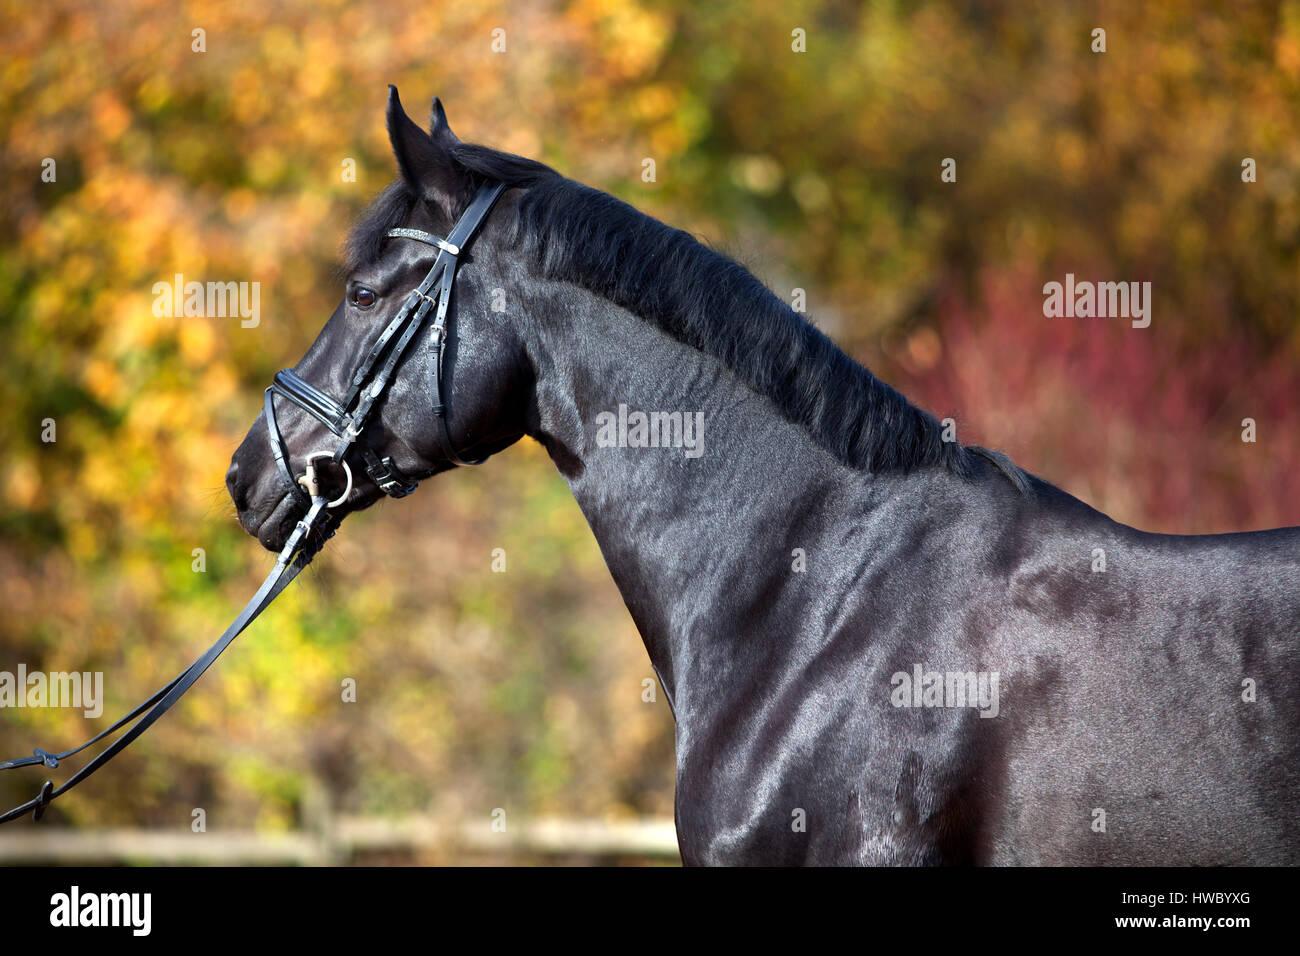 schwarzes Pferd Porträt außen mit bunten Herbstlaub im Hintergrund Stockbild